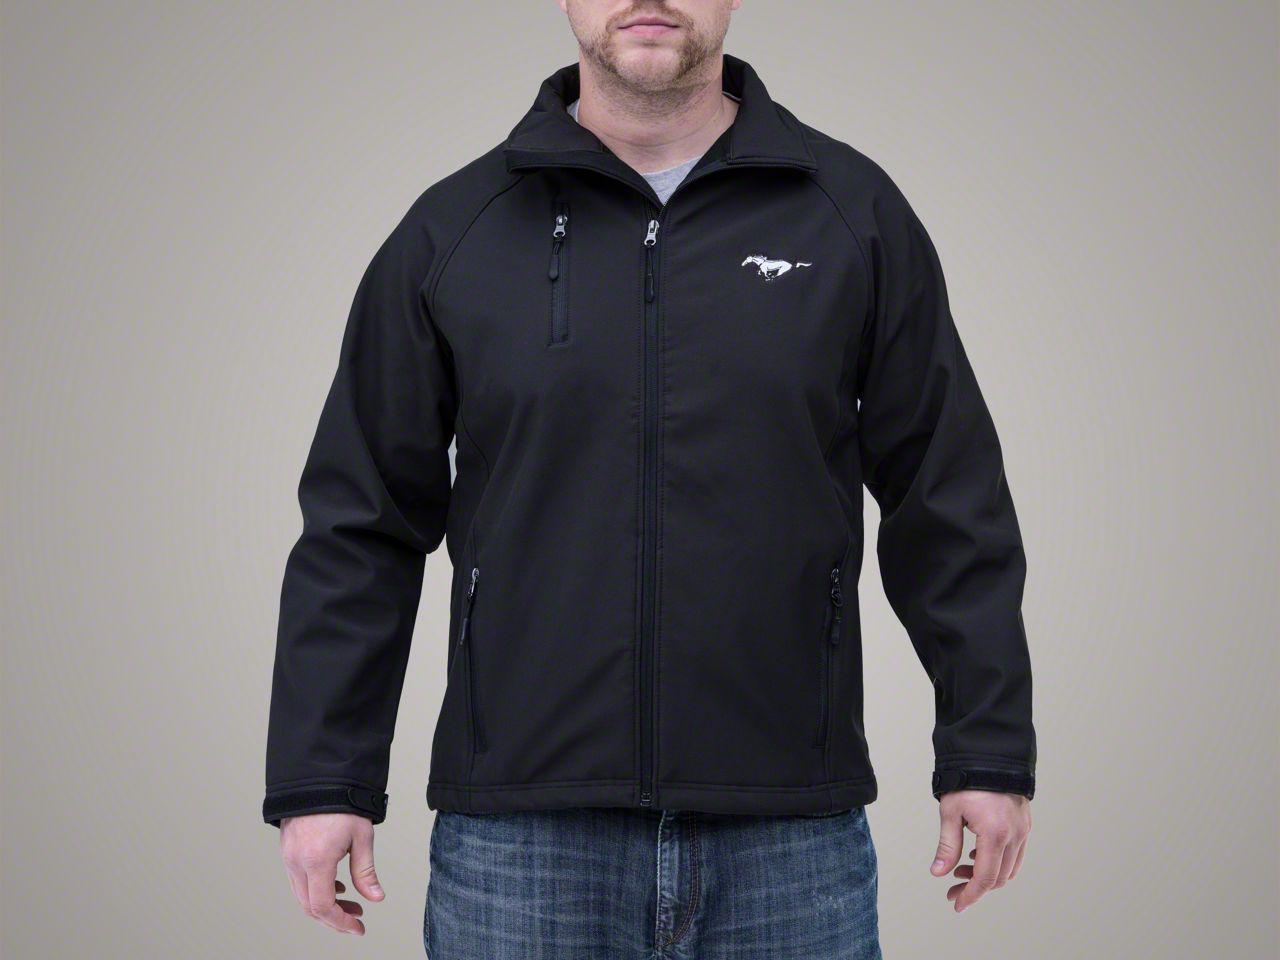 Ford Mustang Black Soft Shell jacket (Medium)